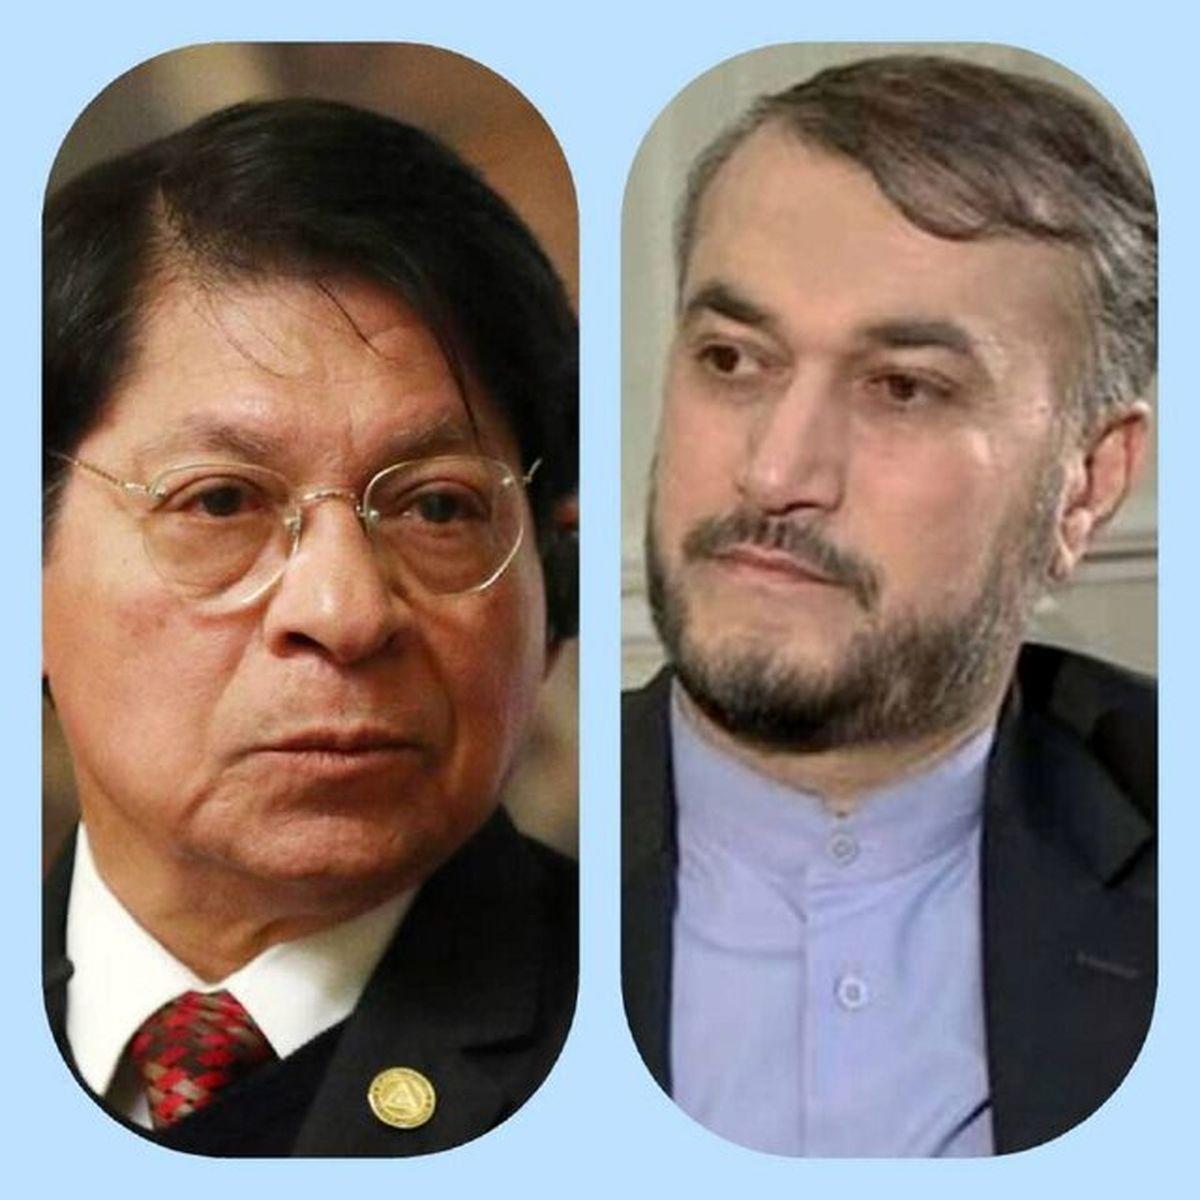 تبریک وزیر روابط خارجی نیکاراگوئه به امیرعبداللهیان